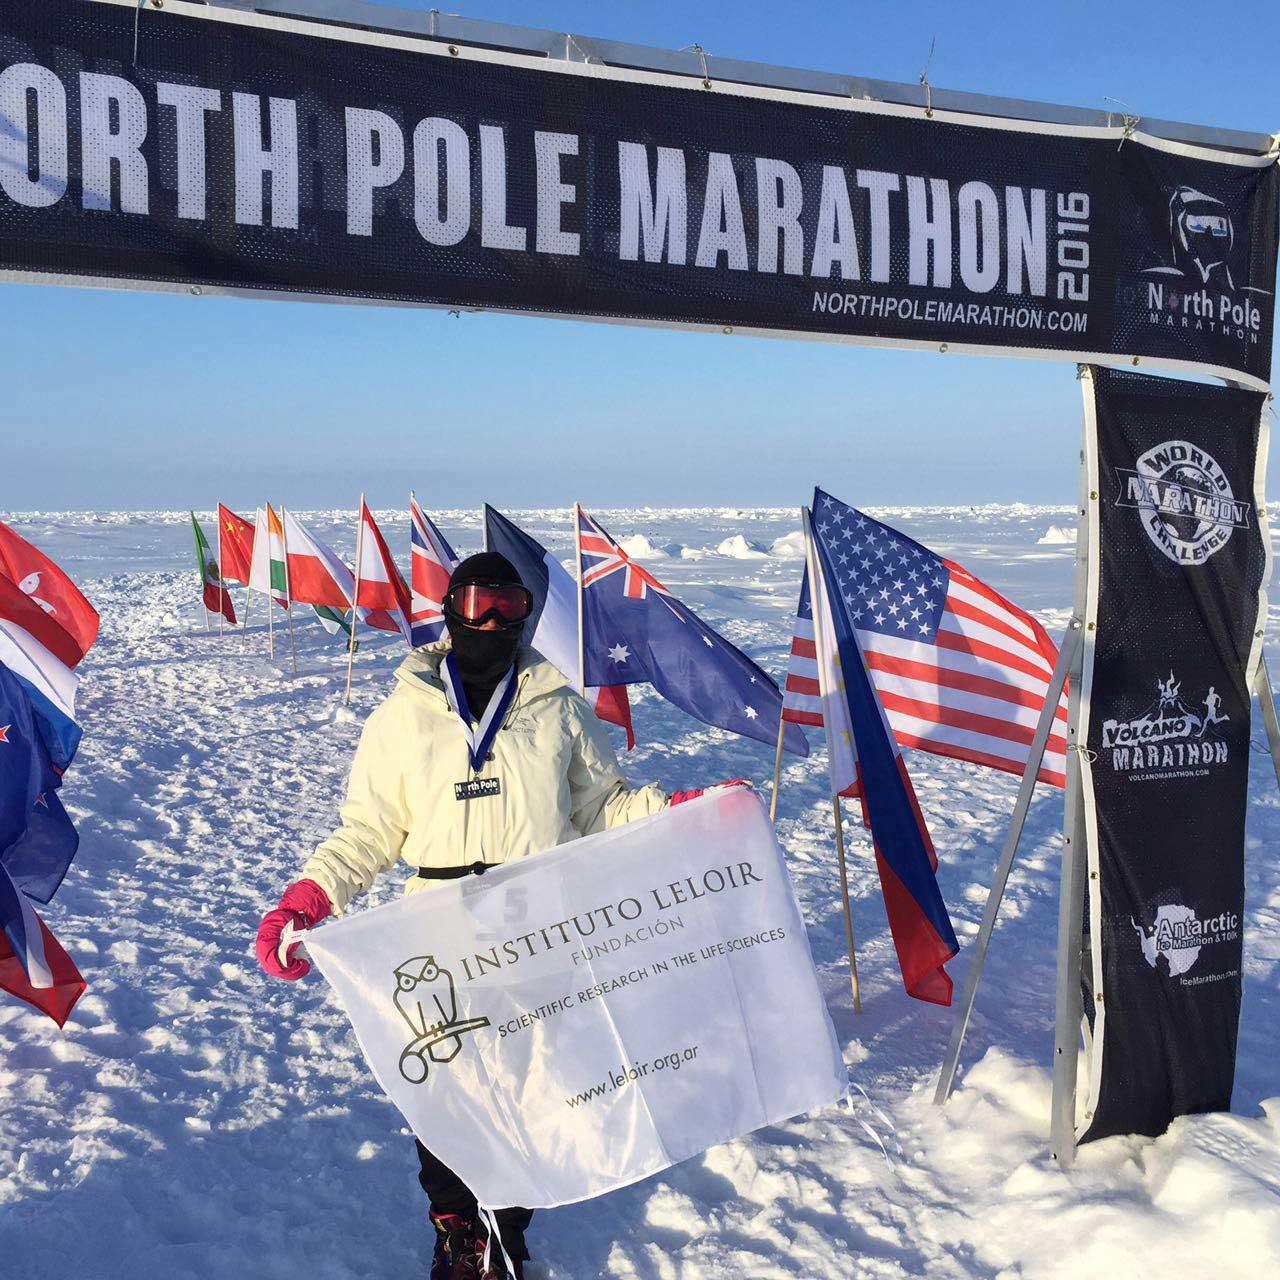 Maratonista-corre-por-el-Instituto-Leloir-en-el-Polo-Norte-09